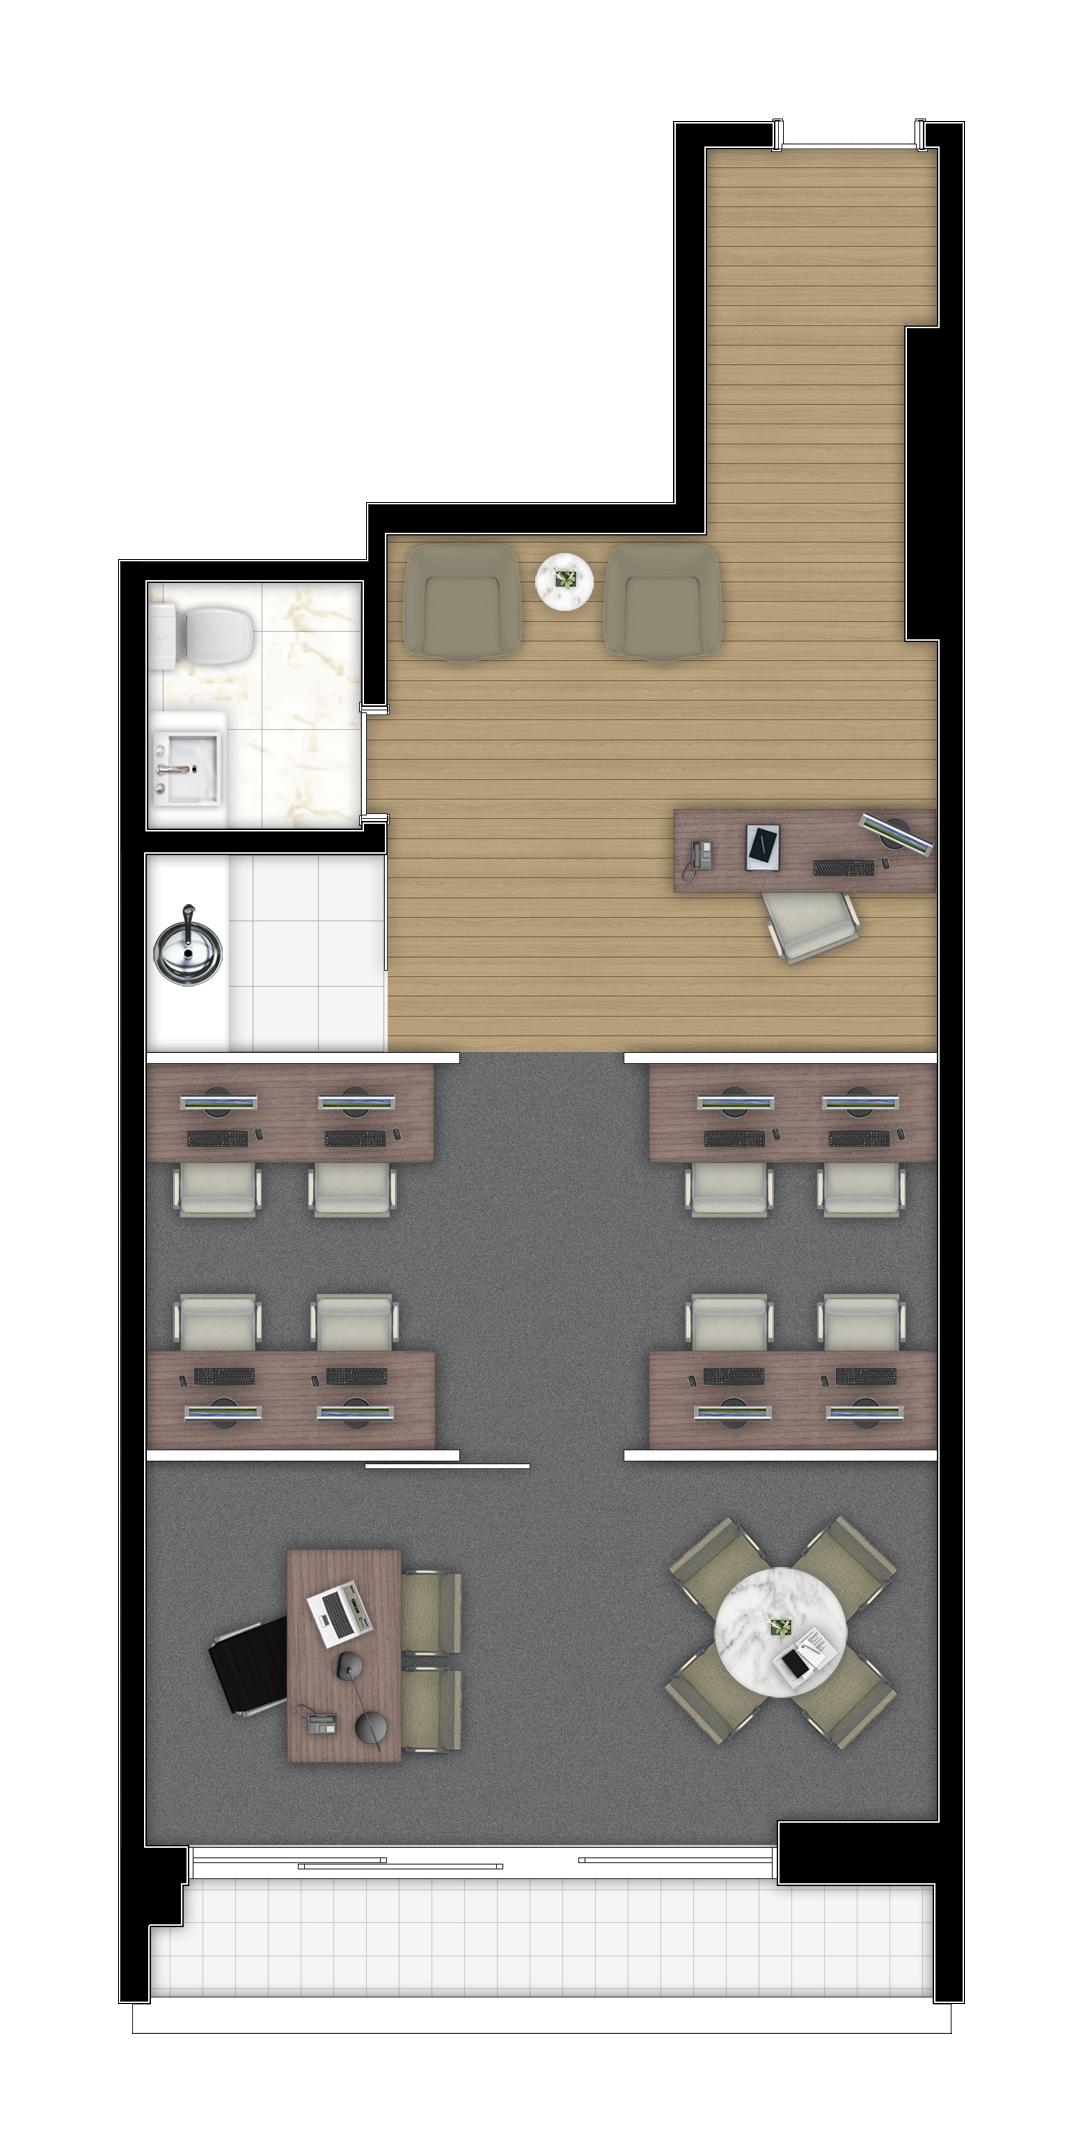 50,08 m² - Final 14